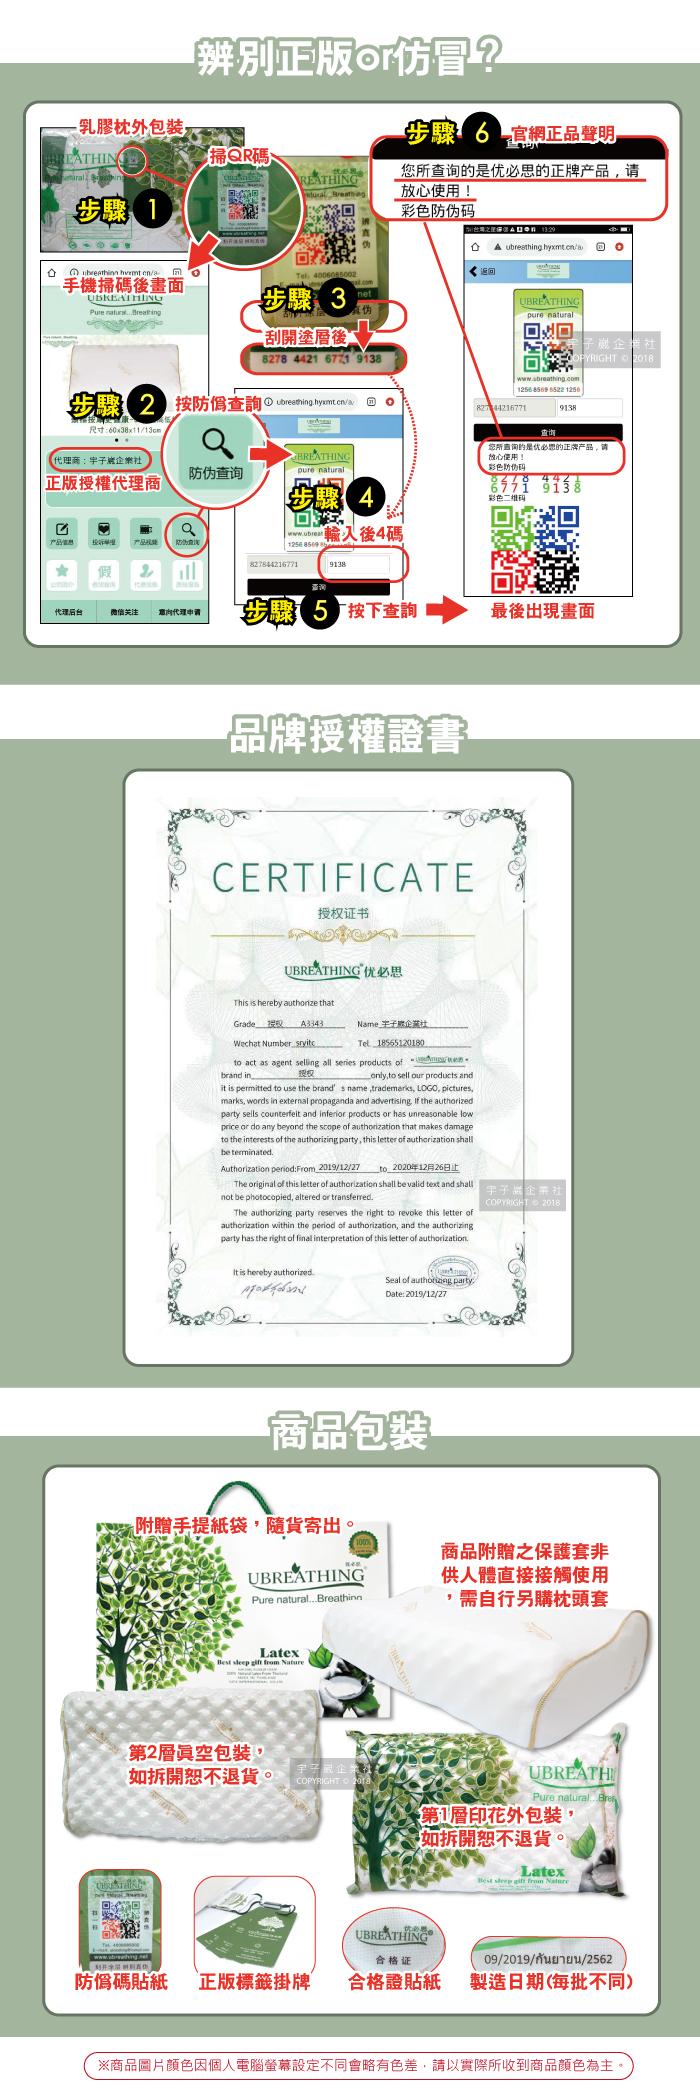 優必思乳膠枕介紹(2)防偽.證書.包裝